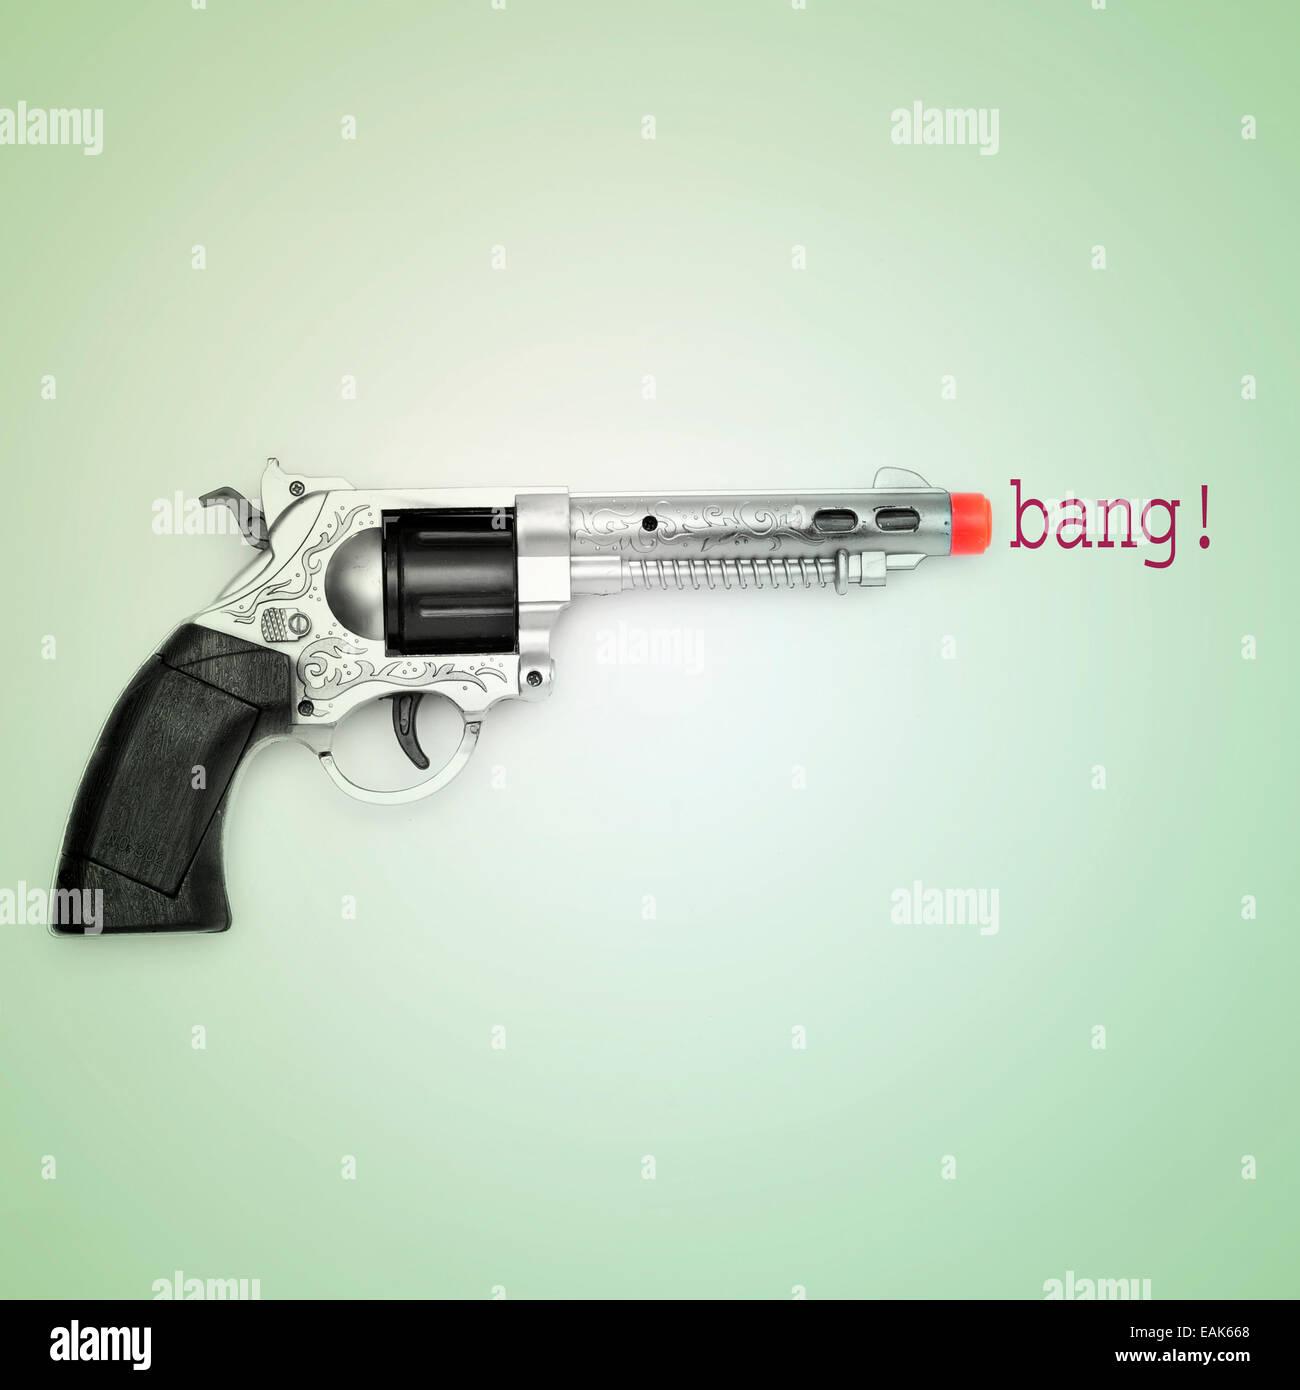 Immagine di una pistola giocattolo e la parola bang su uno sfondo blu con un effetto retrò Immagini Stock